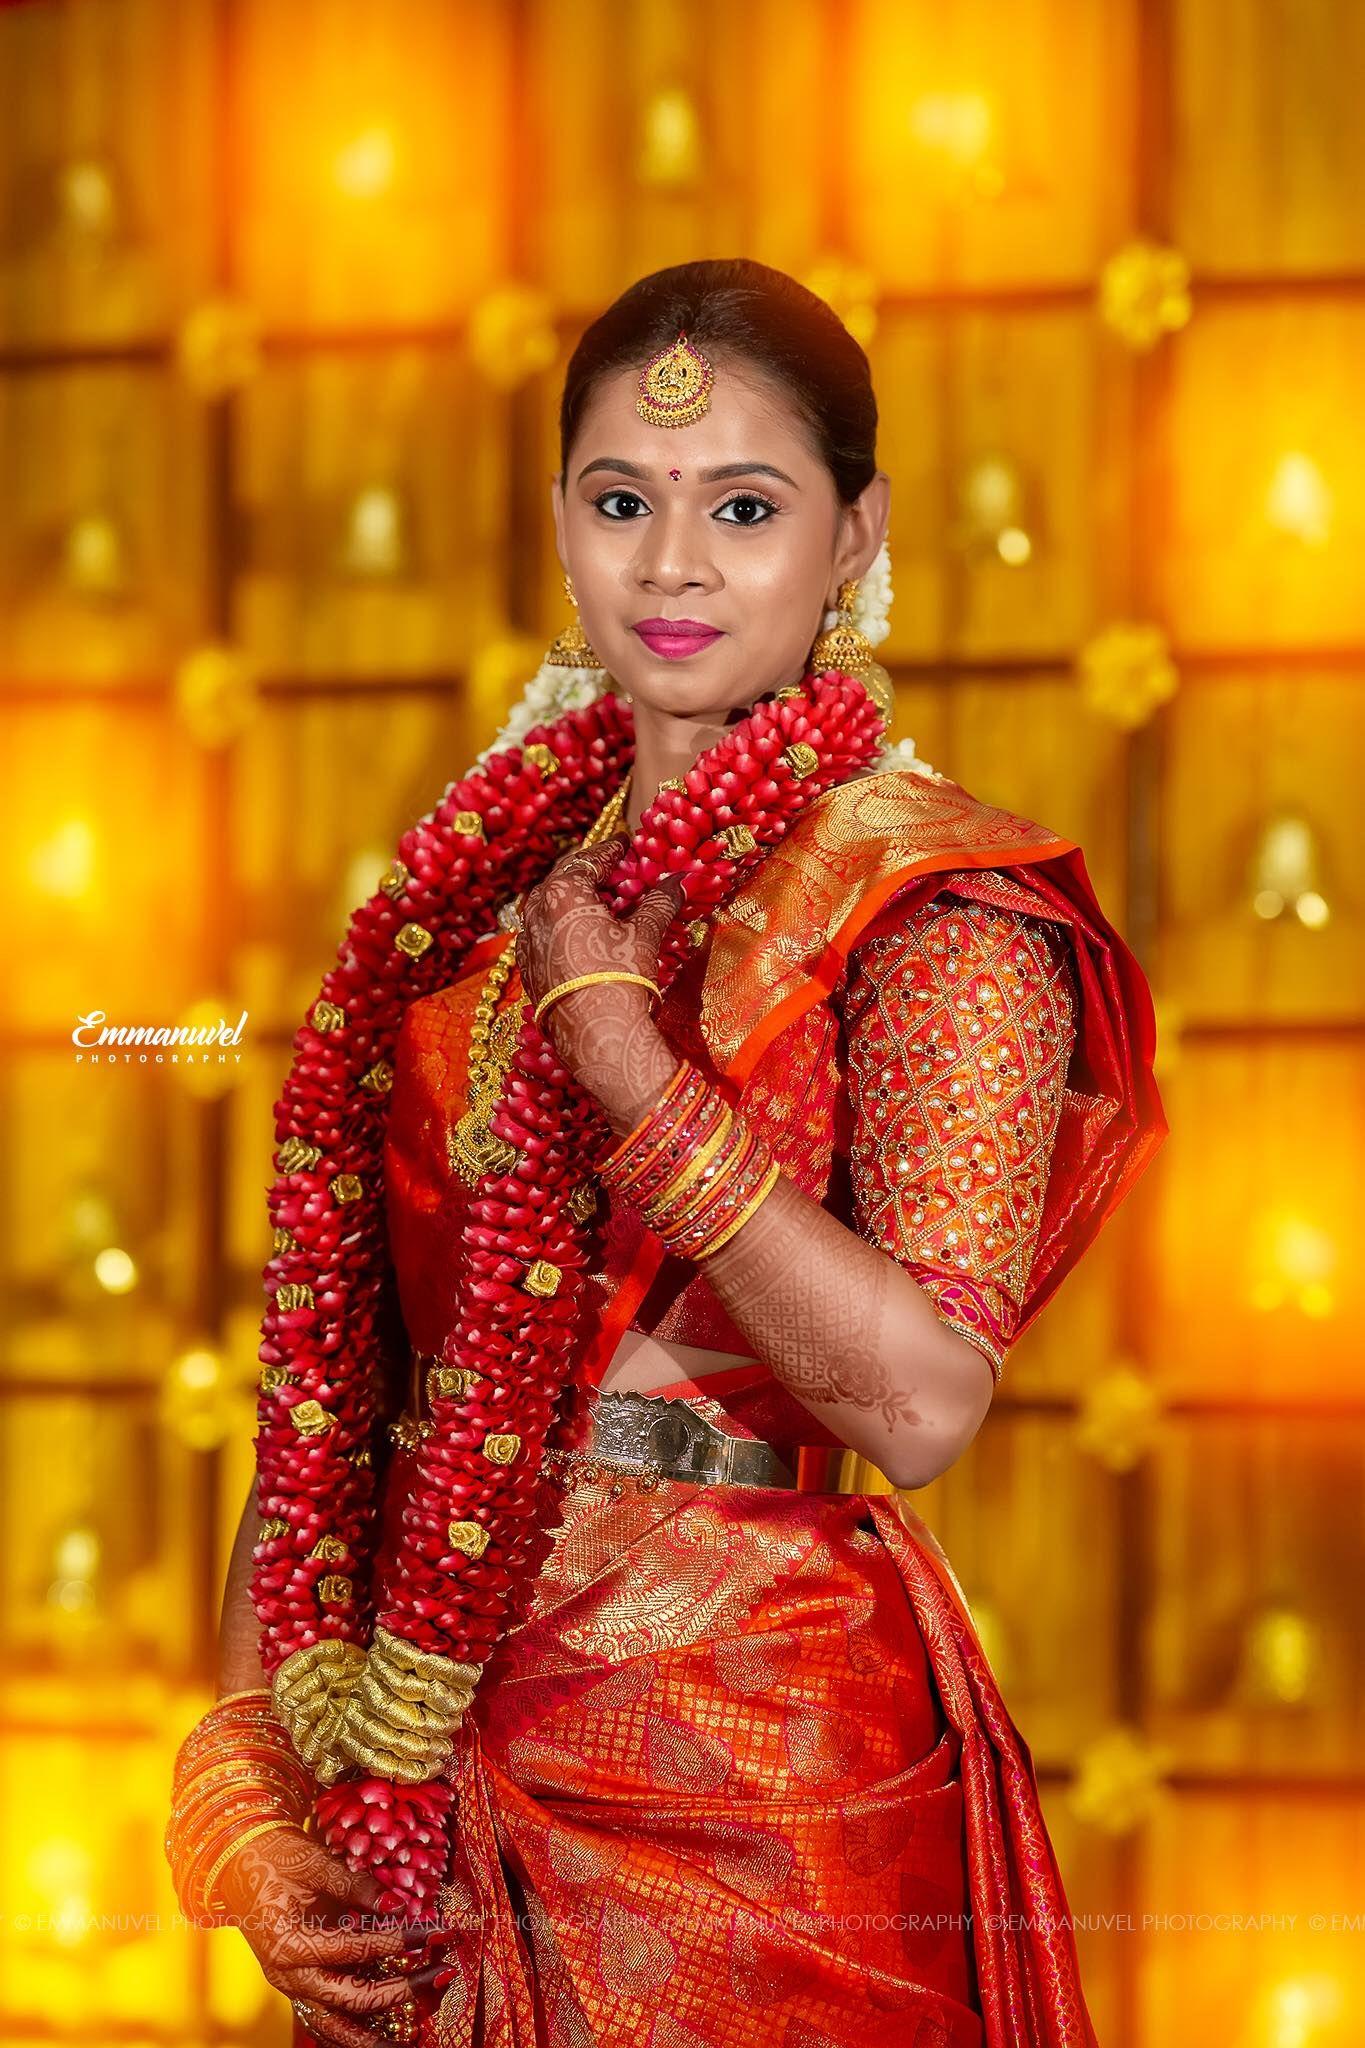 Bridal Blouse Design Shot by Emmanuvel